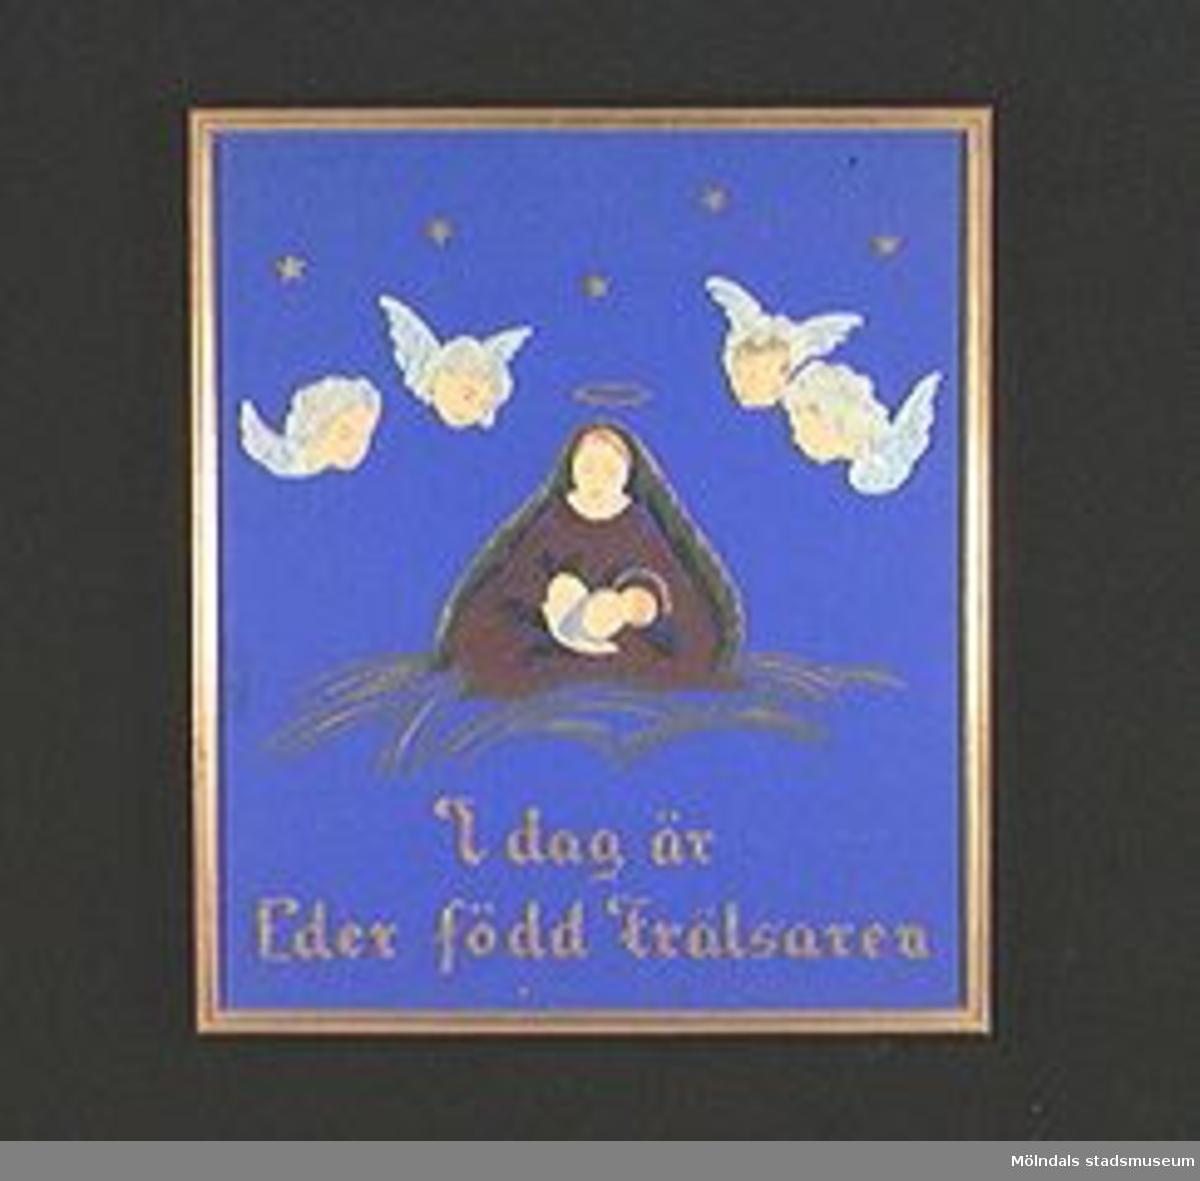 """Tavla i smal förgylld ram. Inglasad. Mot blå botten har figurernas huvuden, klippt och målat papper, klistrats på målade kroppar. Texten i guldbokstäver.Motiv: Maria med Jesusbarnet i famnen, omgiven av fyra änglahuvuden. Text: """"I dag är Eder född frälsaren"""".Tidigare sakord: tavla, madonnabild."""